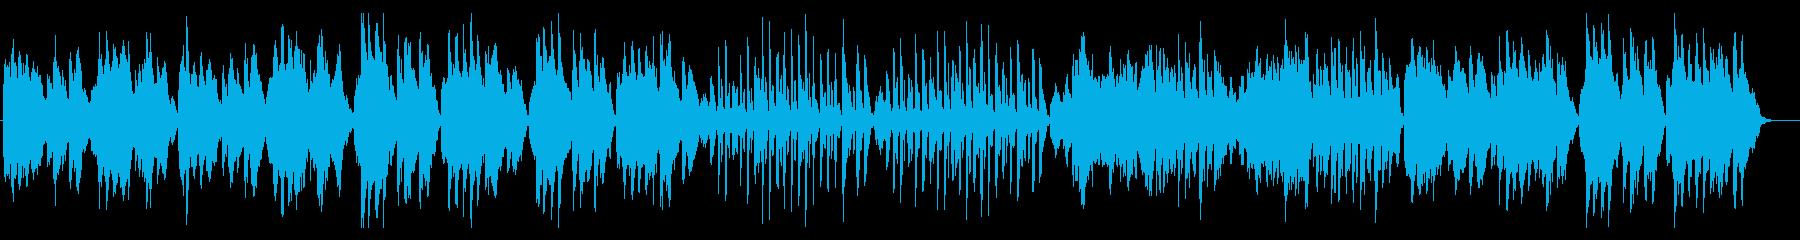 ベートーヴェン/メヌエット/ヴァイオリンの再生済みの波形